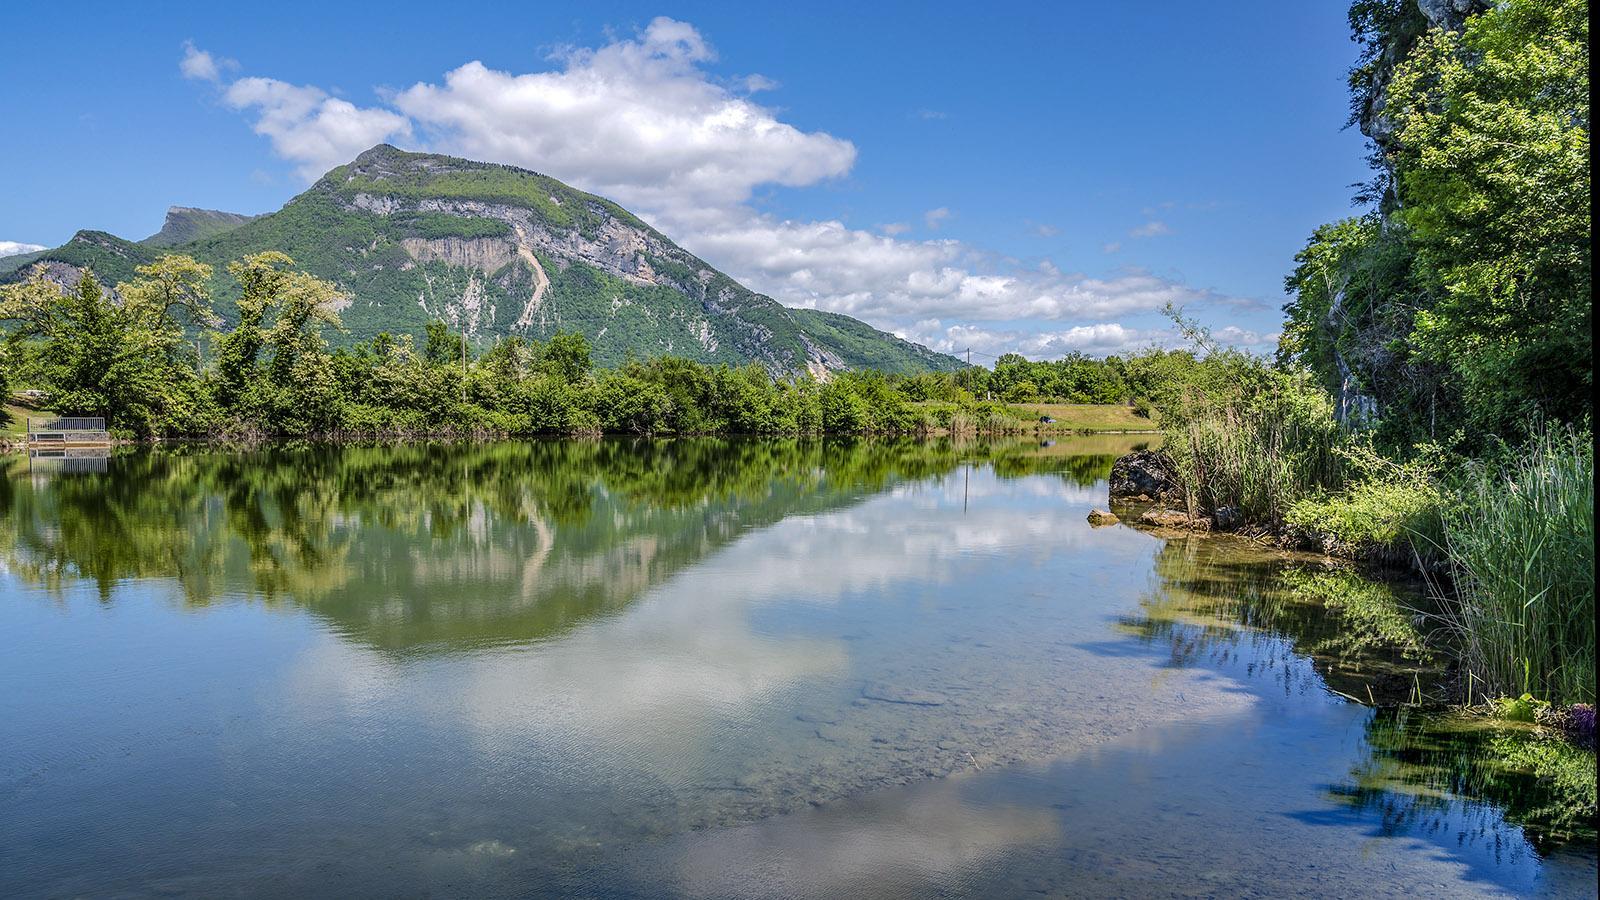 Der <em>étang bleu</em> bei Vions an der Rhône. Foto: Hilke Maunder